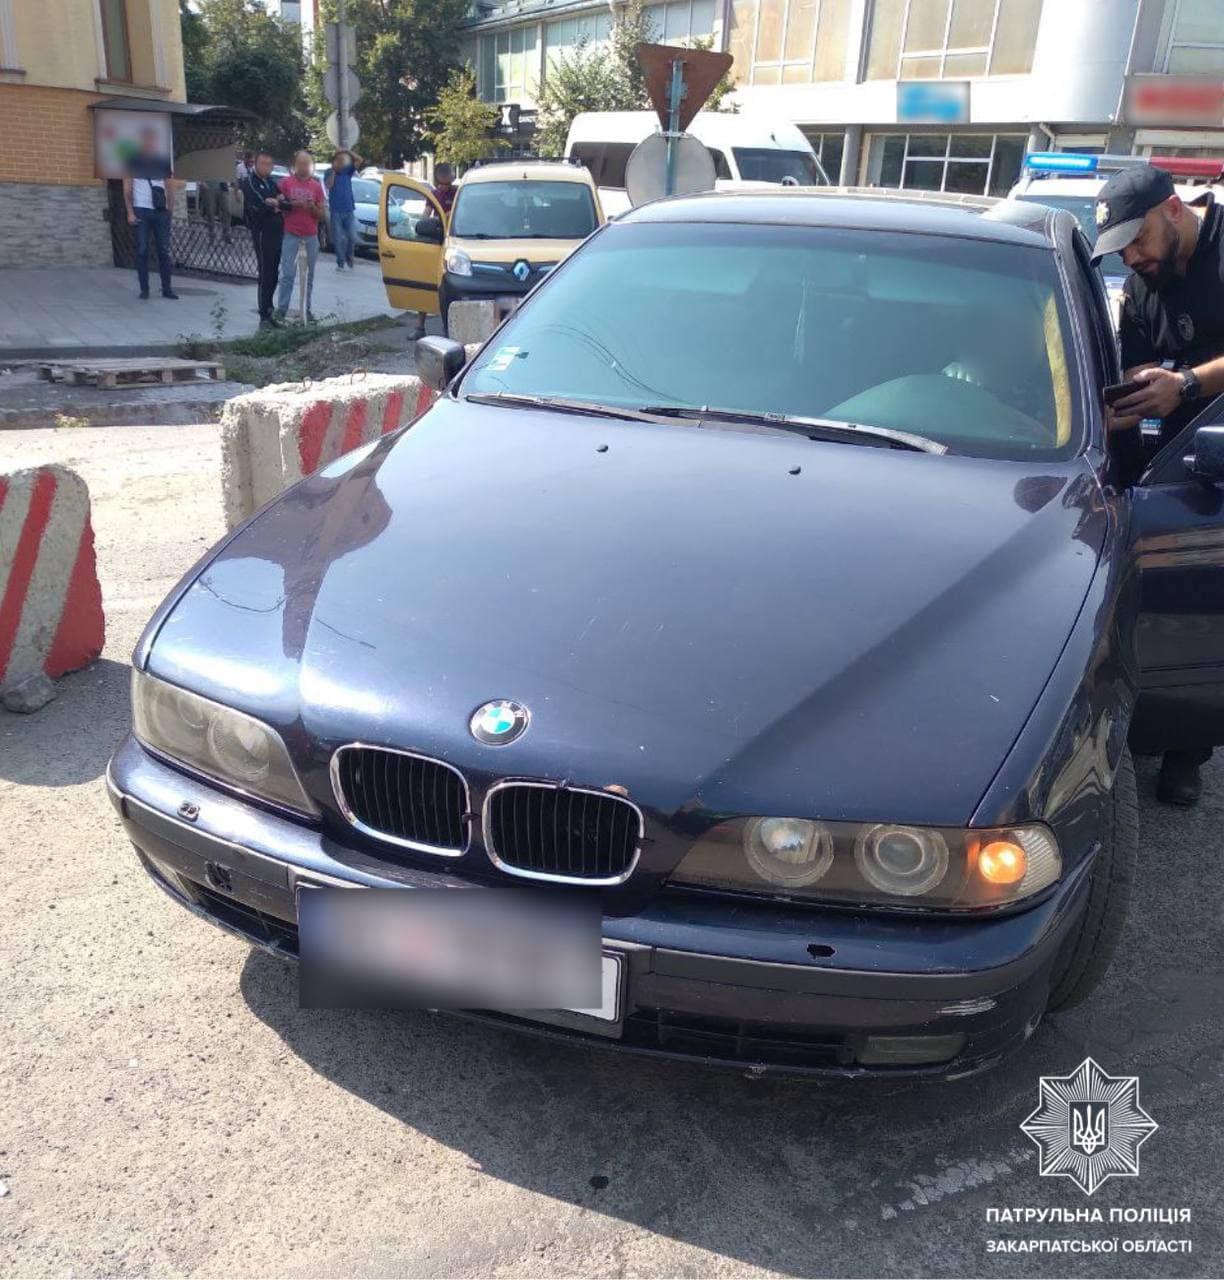 Як повідомляють в пресслужбі патрульної полції Закарпаття, це трапилося вчора, на площі Шандора Петефі, в Ужгороді. Близько 14-ї години інспектори зупинили авто BMW за порушення ПДР.